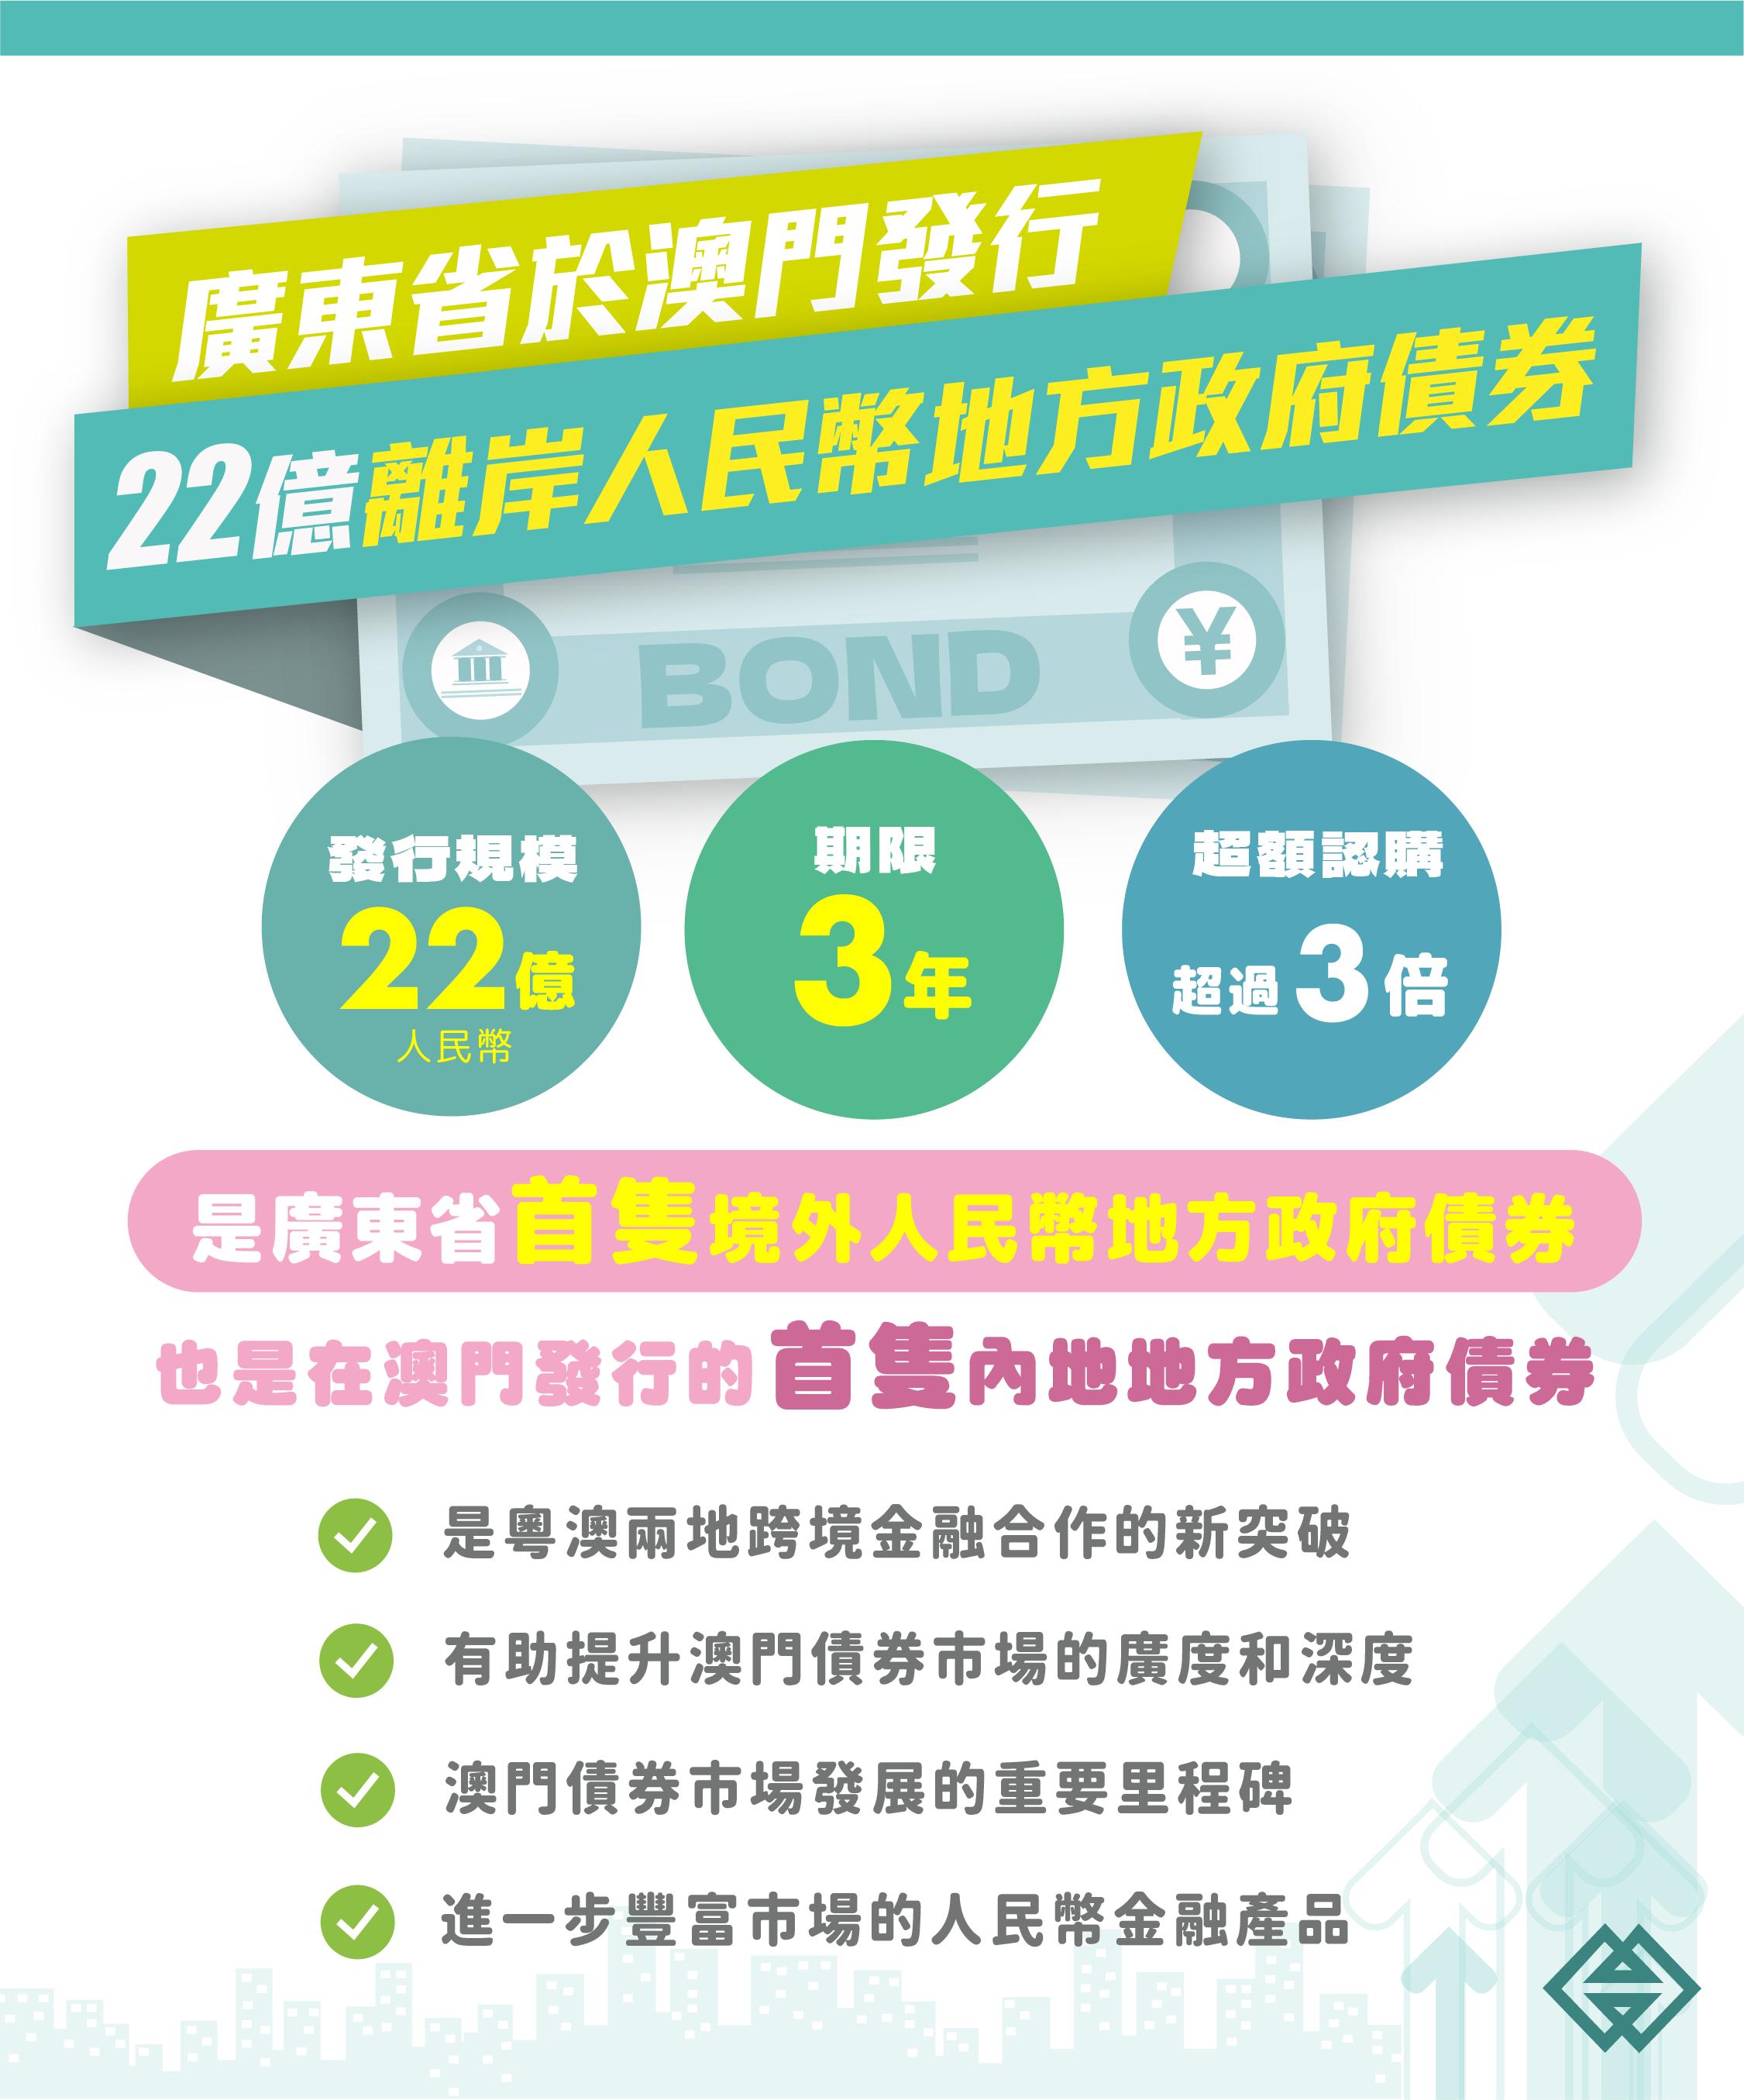 澳门祝贺广东省在澳发行离岸人民币地方政府债券